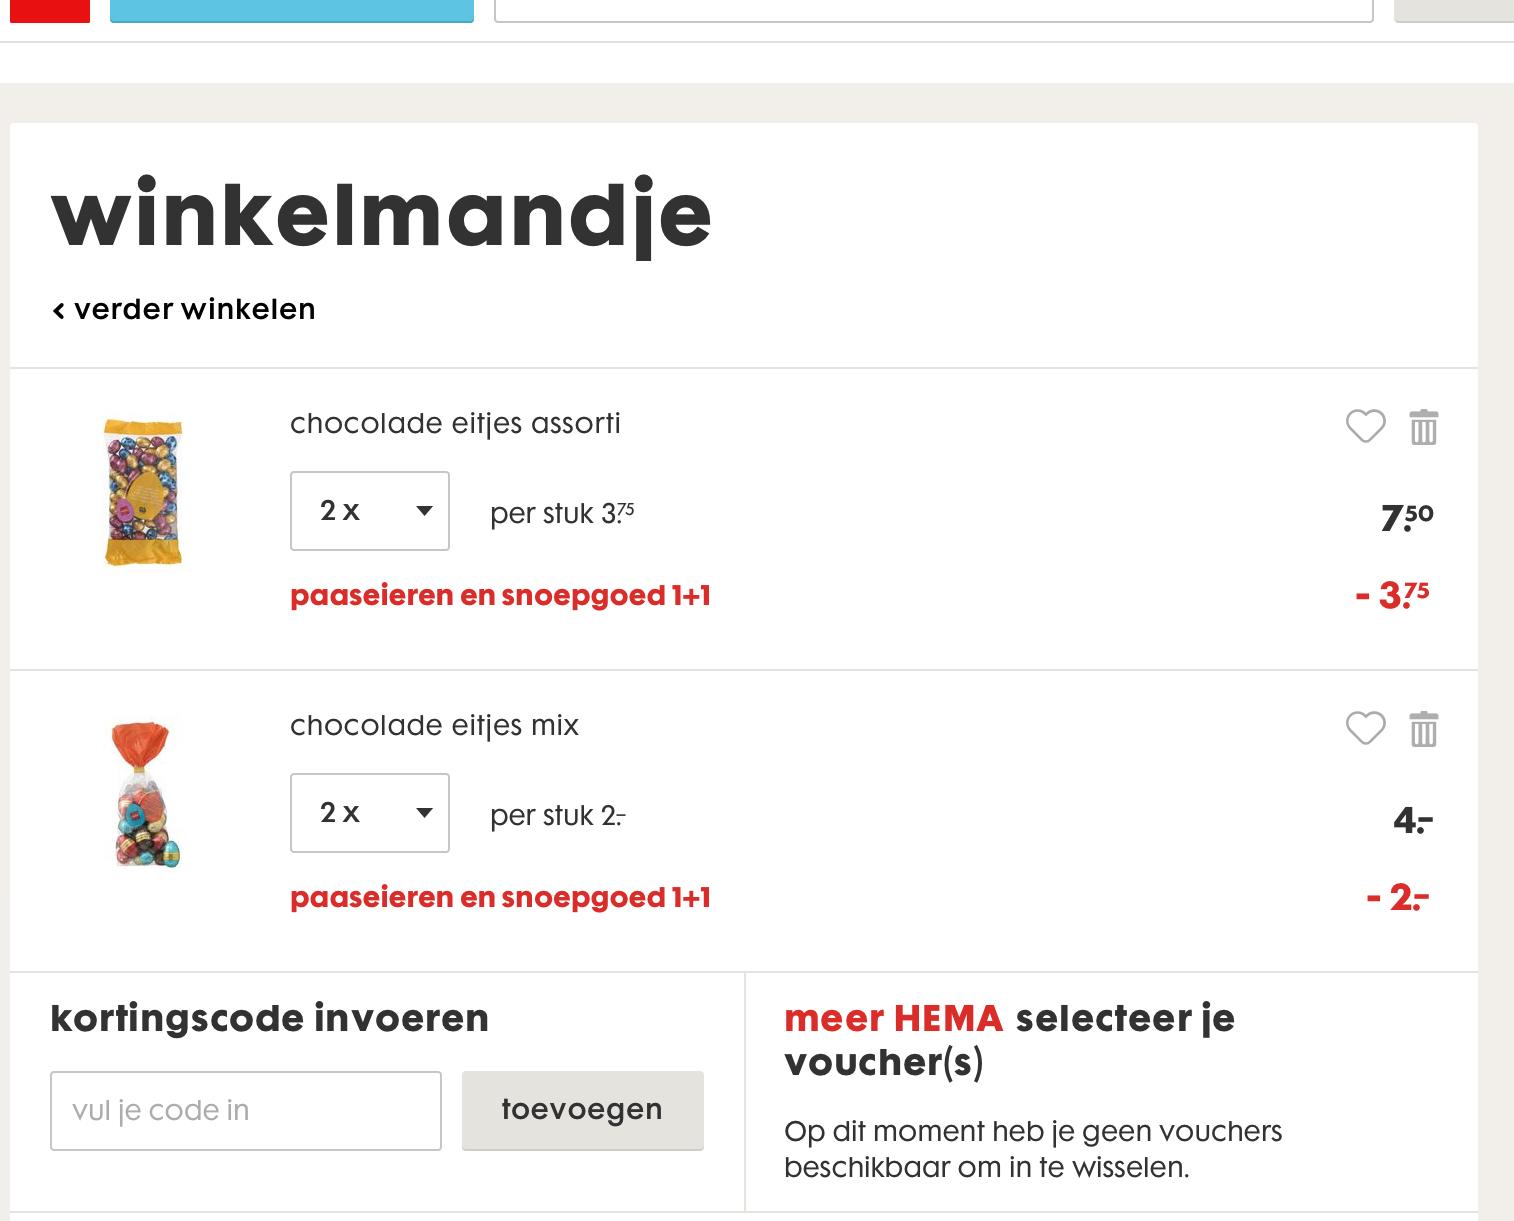 Nu Paas eieren en snoepgoed 1+1 online@Hema